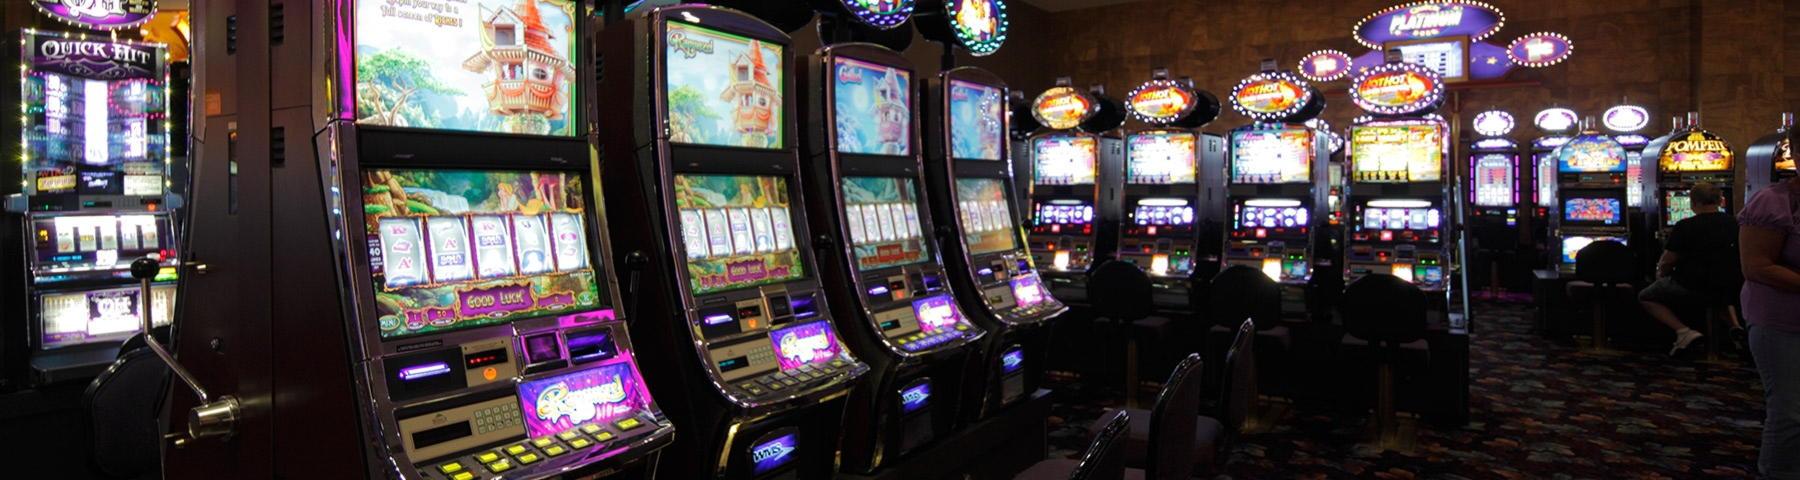 75 Free Spins euweuh kasino deposit di Sloto'Cash